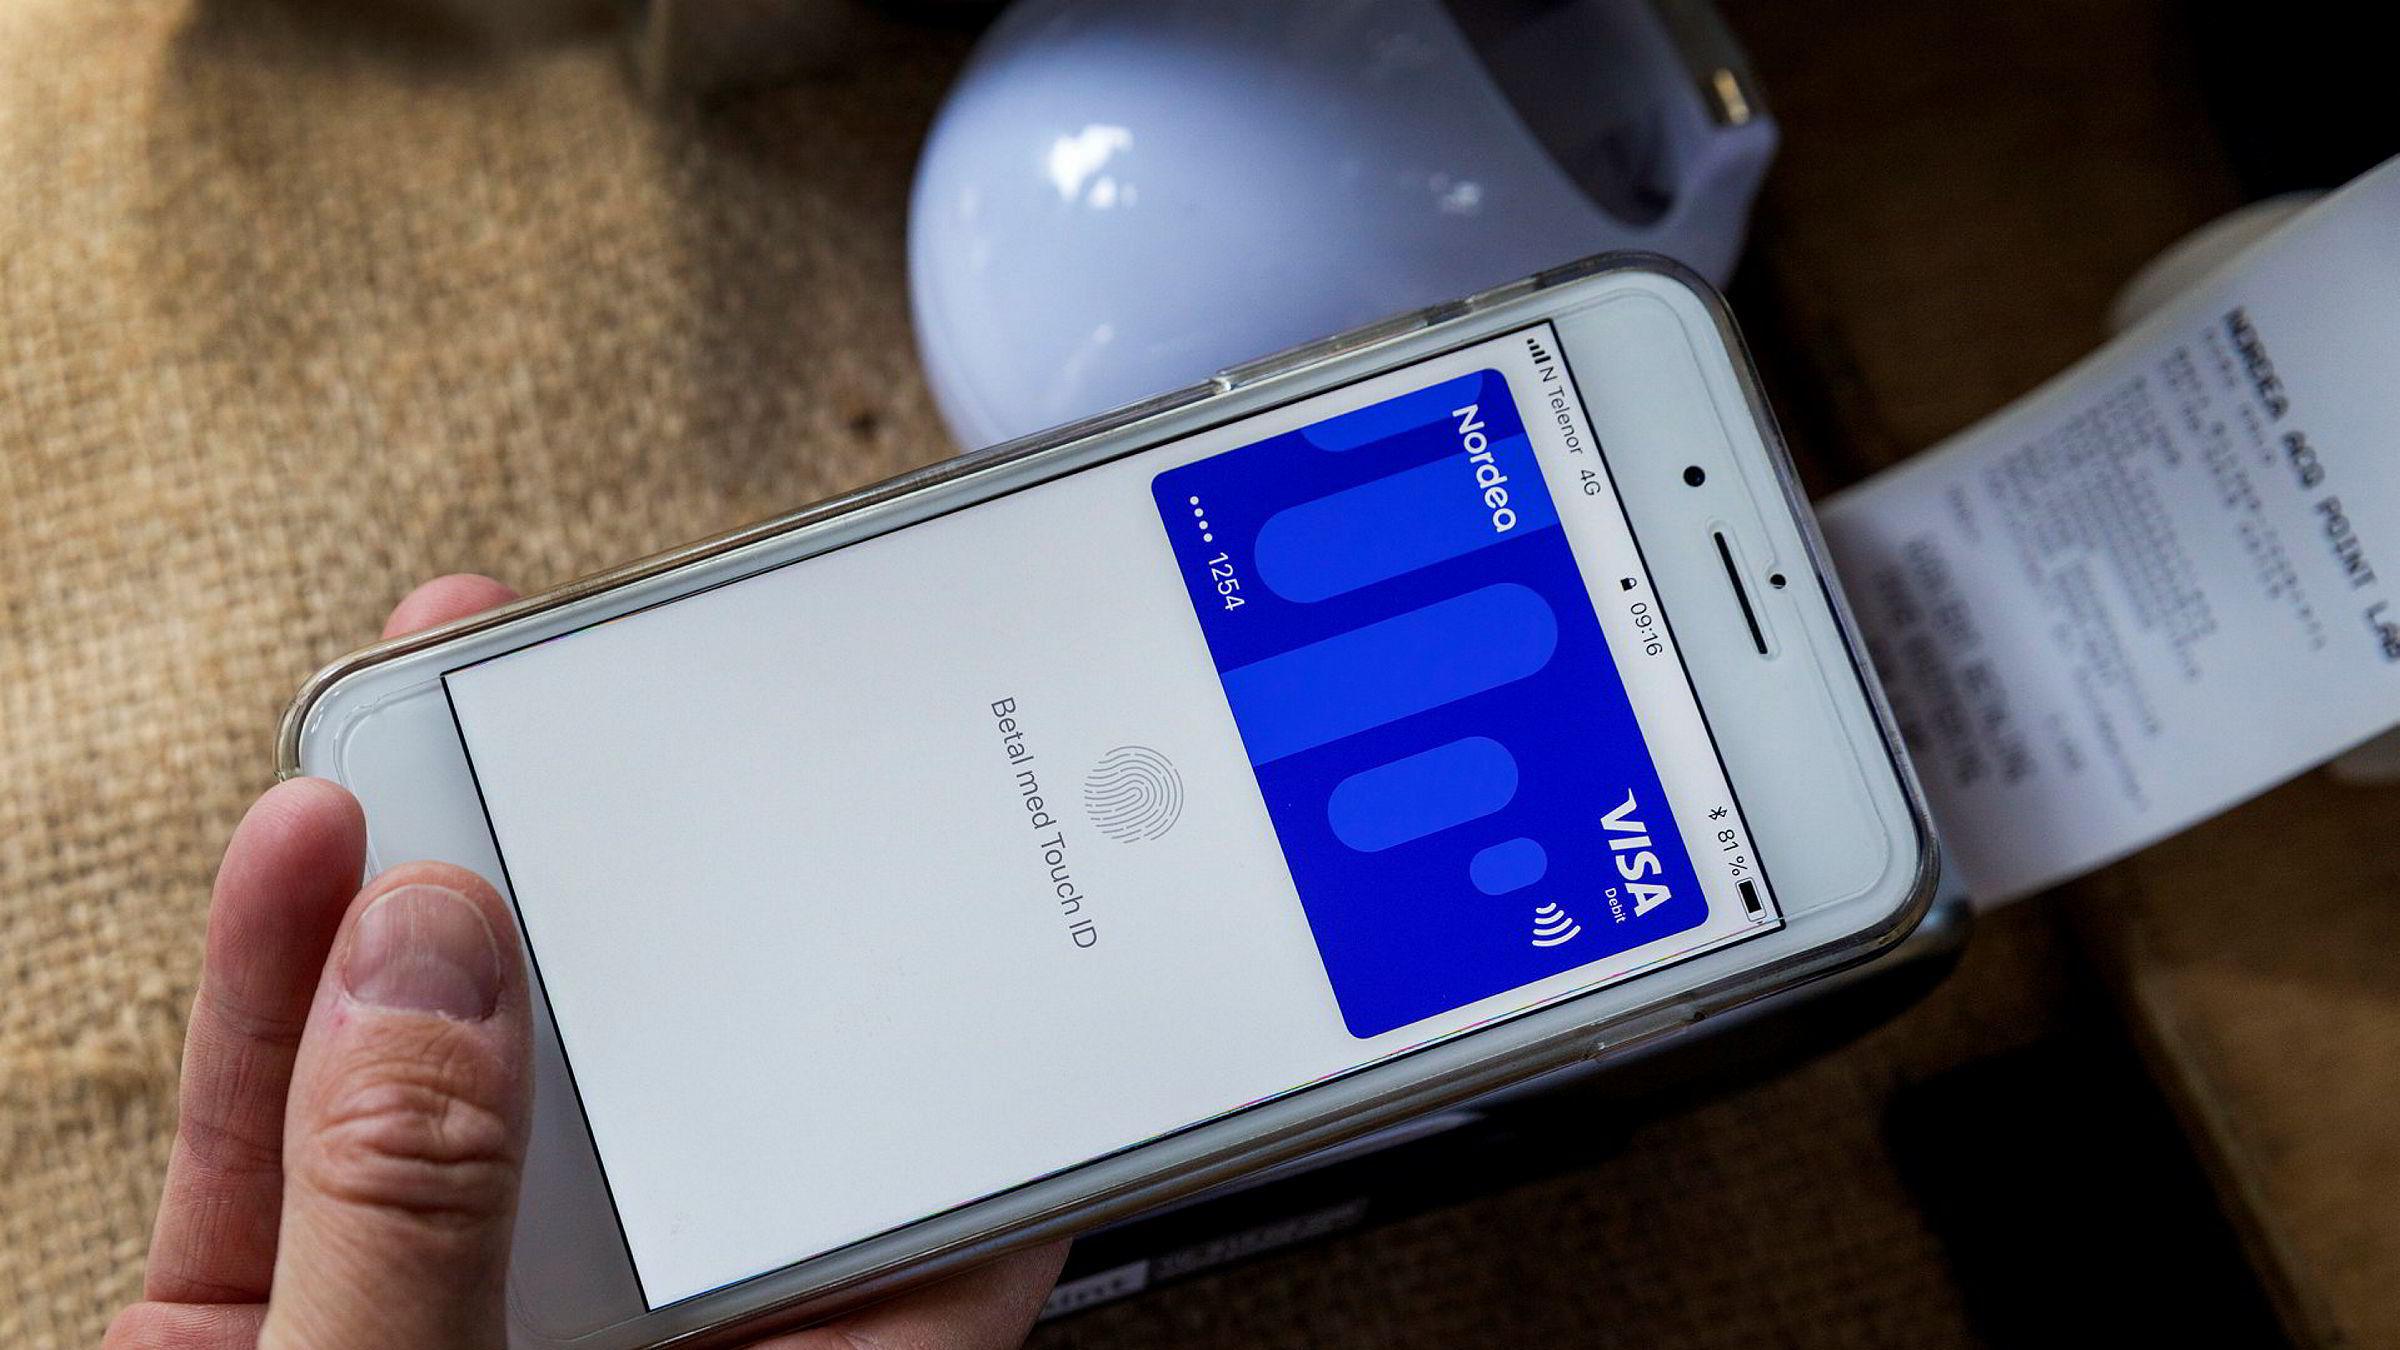 Det er ikke hipp som happ om norske forbrukere anvender Apple Pay eller Vipps til å betale. Det er det tre årsaker til, skriver artikkelforfatteren.